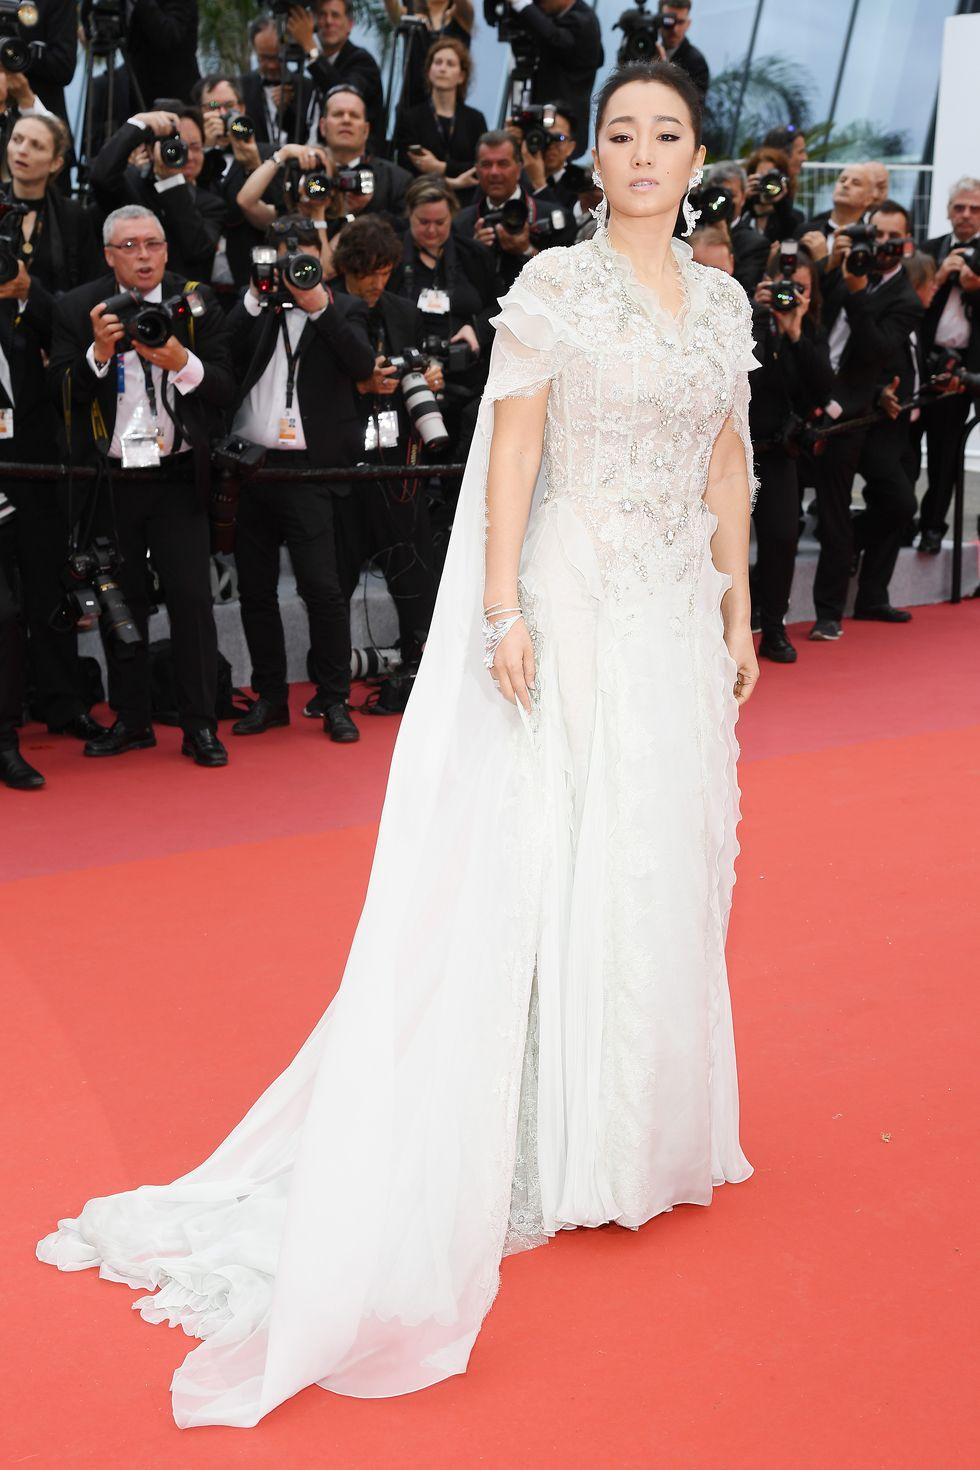 Gong Li, memilih cape gown warna putih dari Ralph & Russo untuk berpose saat di acara pembukaan dan premier film The Dead Don't Die.